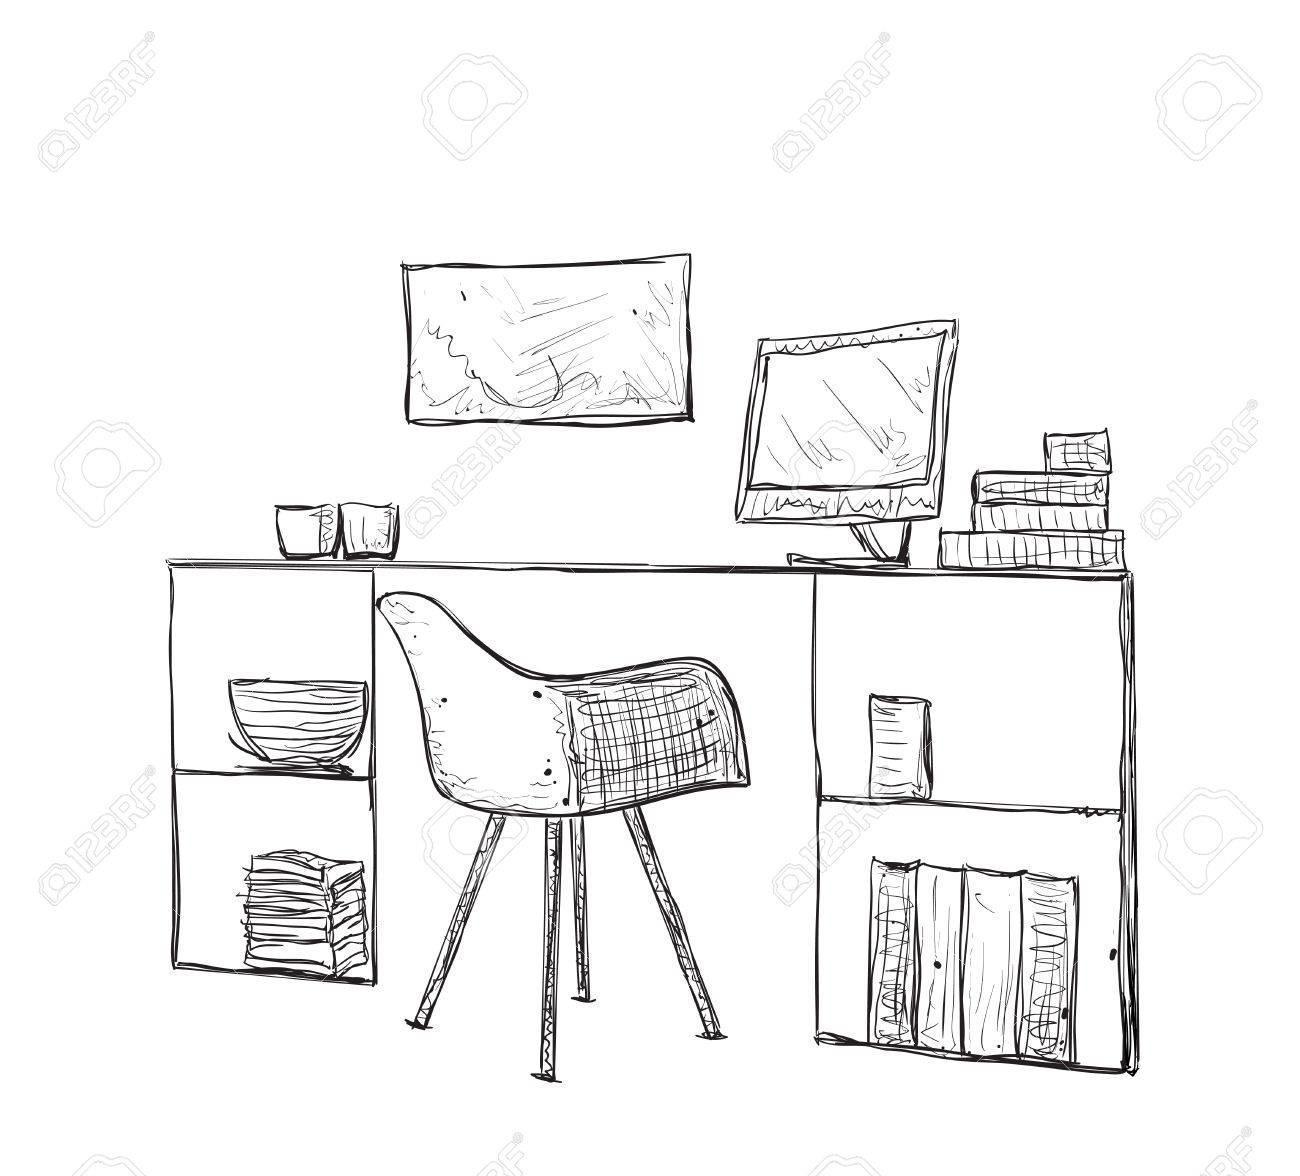 Lieu La Travail À Et Main Mobilier BureauChaise Table Croquis De Dessiné H2W9IED